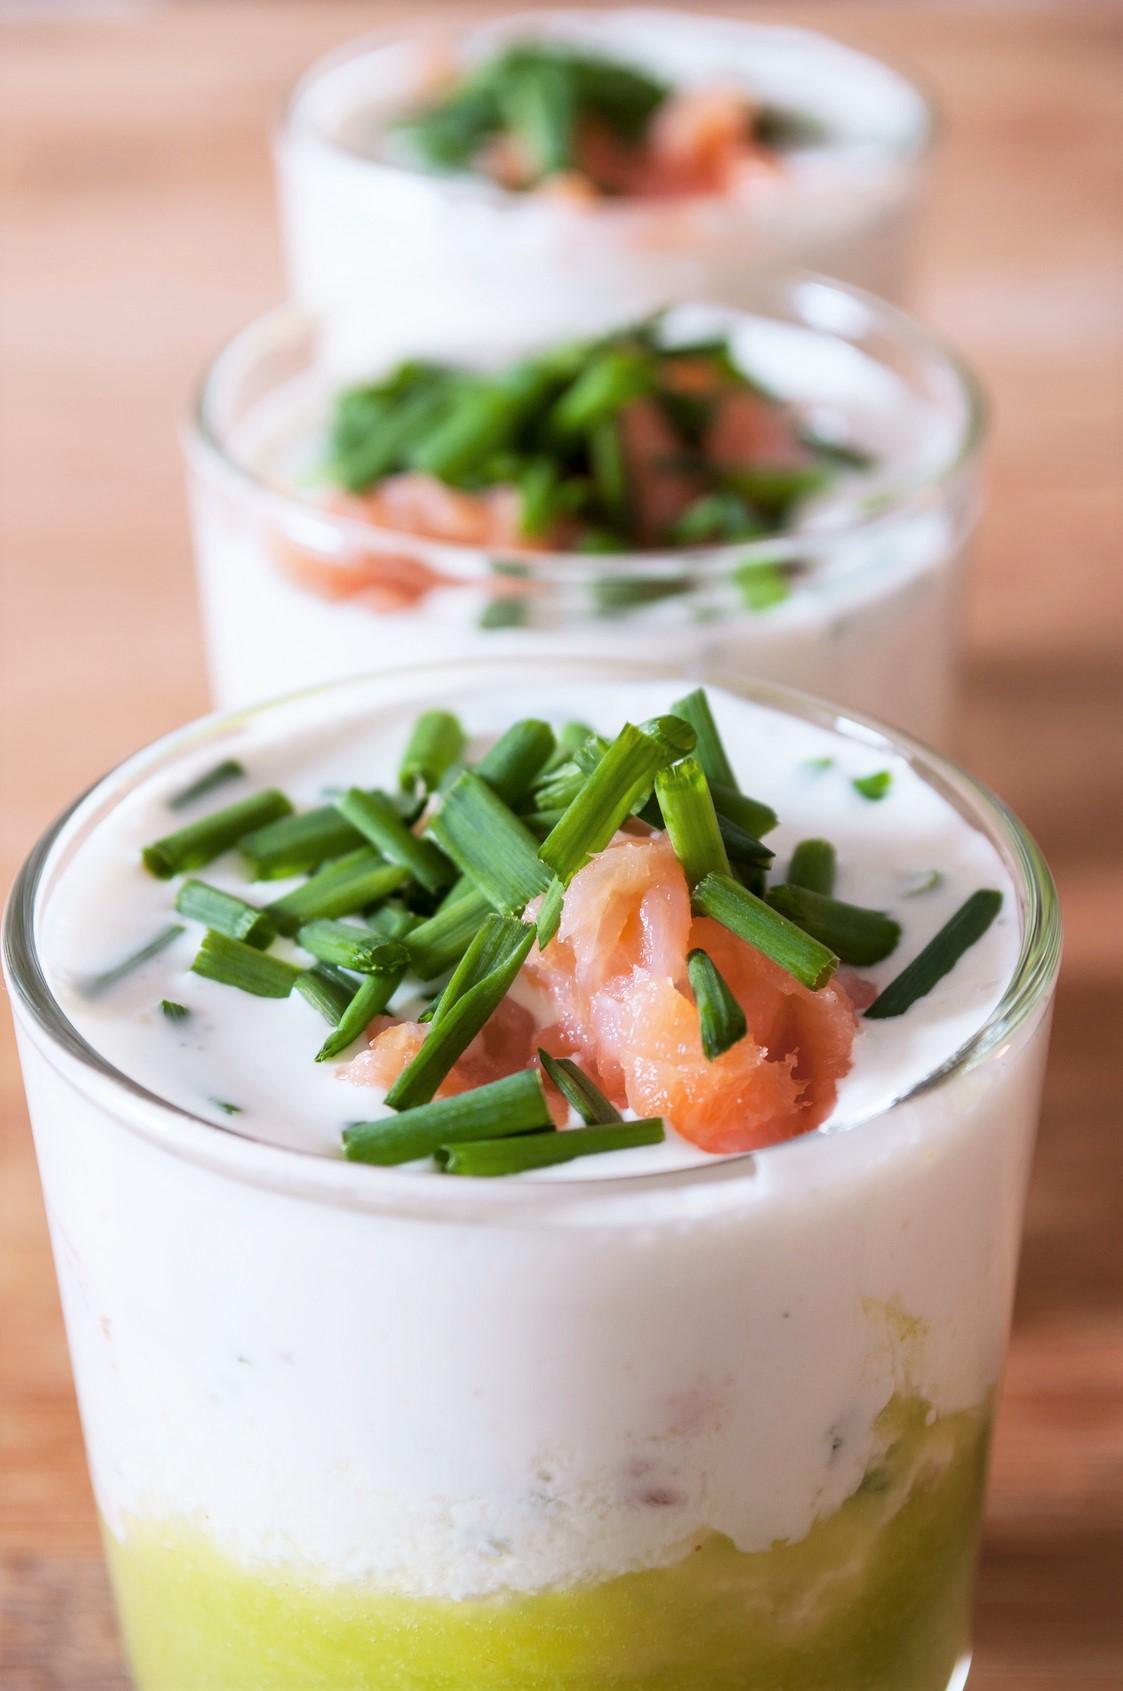 Oscar® kiwi fruits & smoked salmon verrines